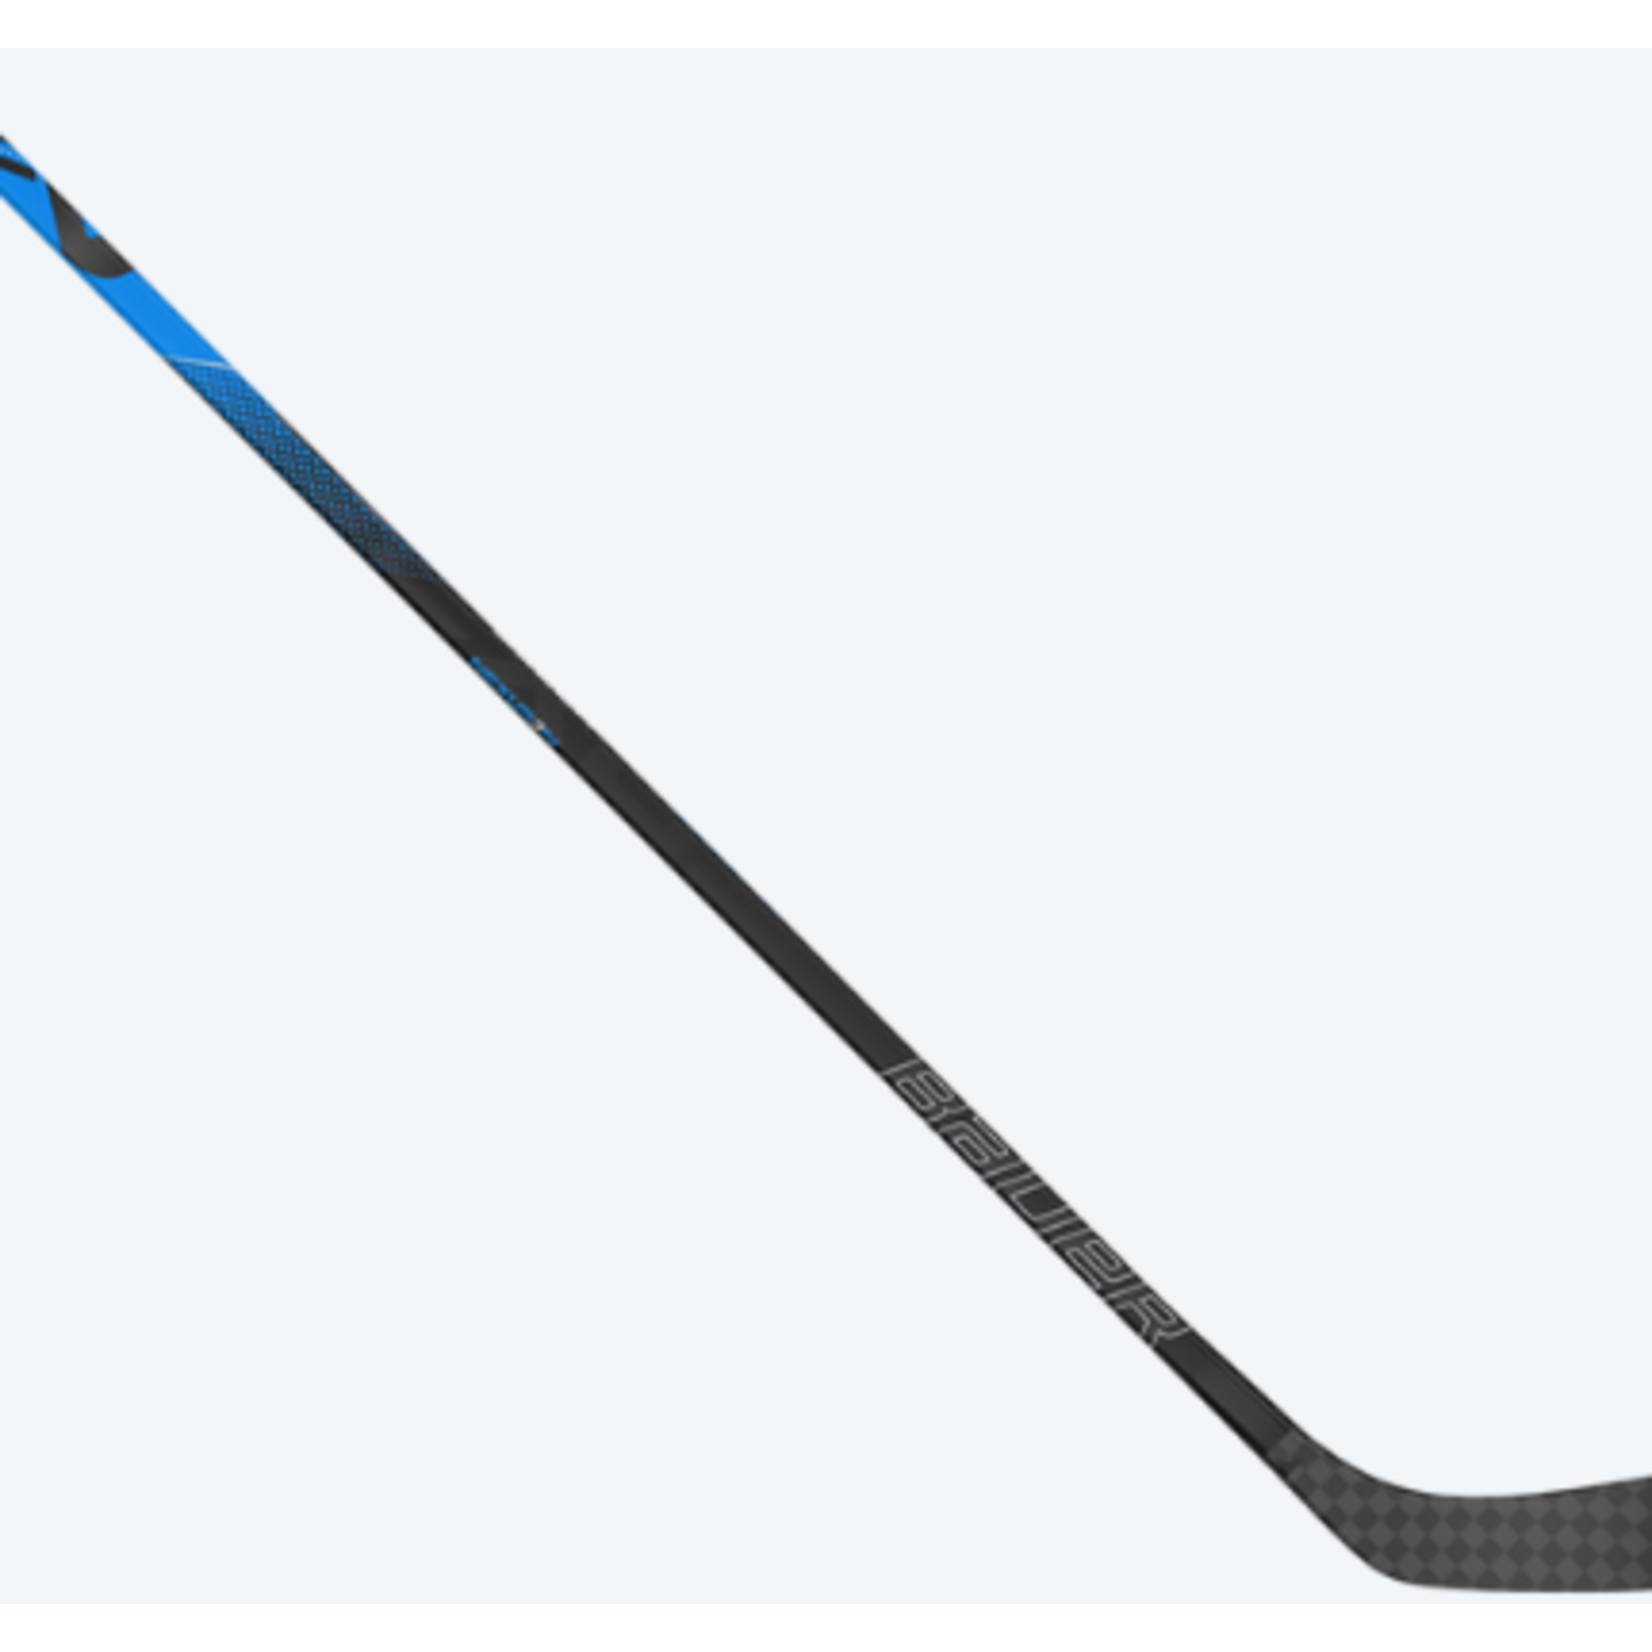 Bauer S21 Nexus 3N Grip Stick Int - 65